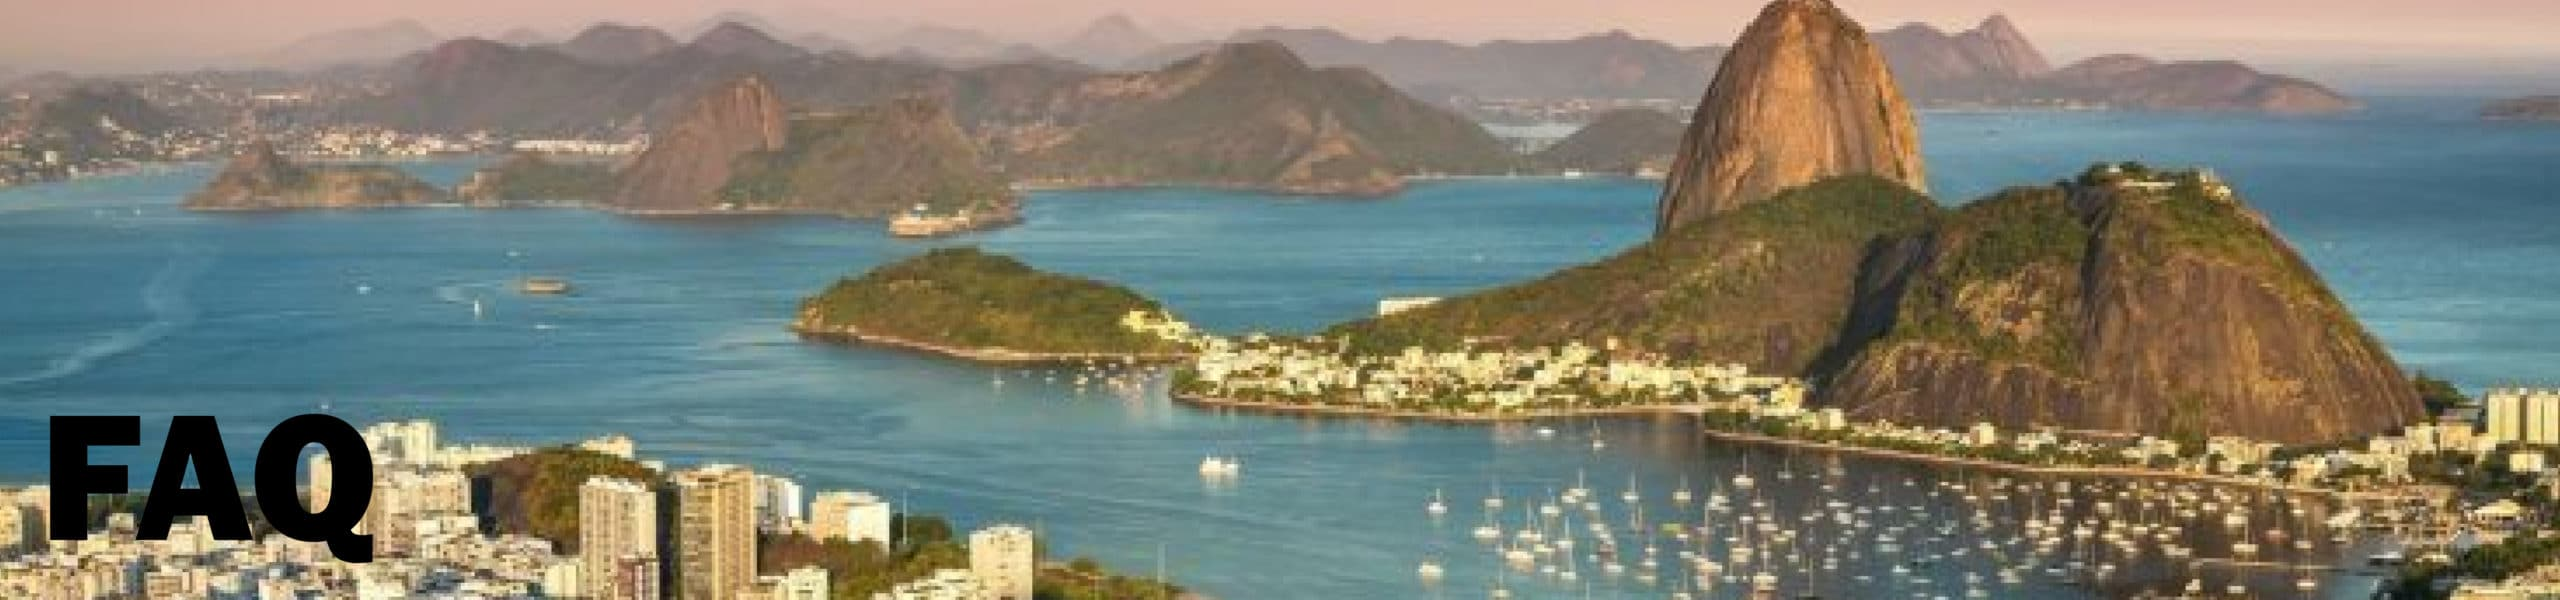 FAQ`s Rio de Janeiro - RipioTurismo DMC for Argentina and Brazil